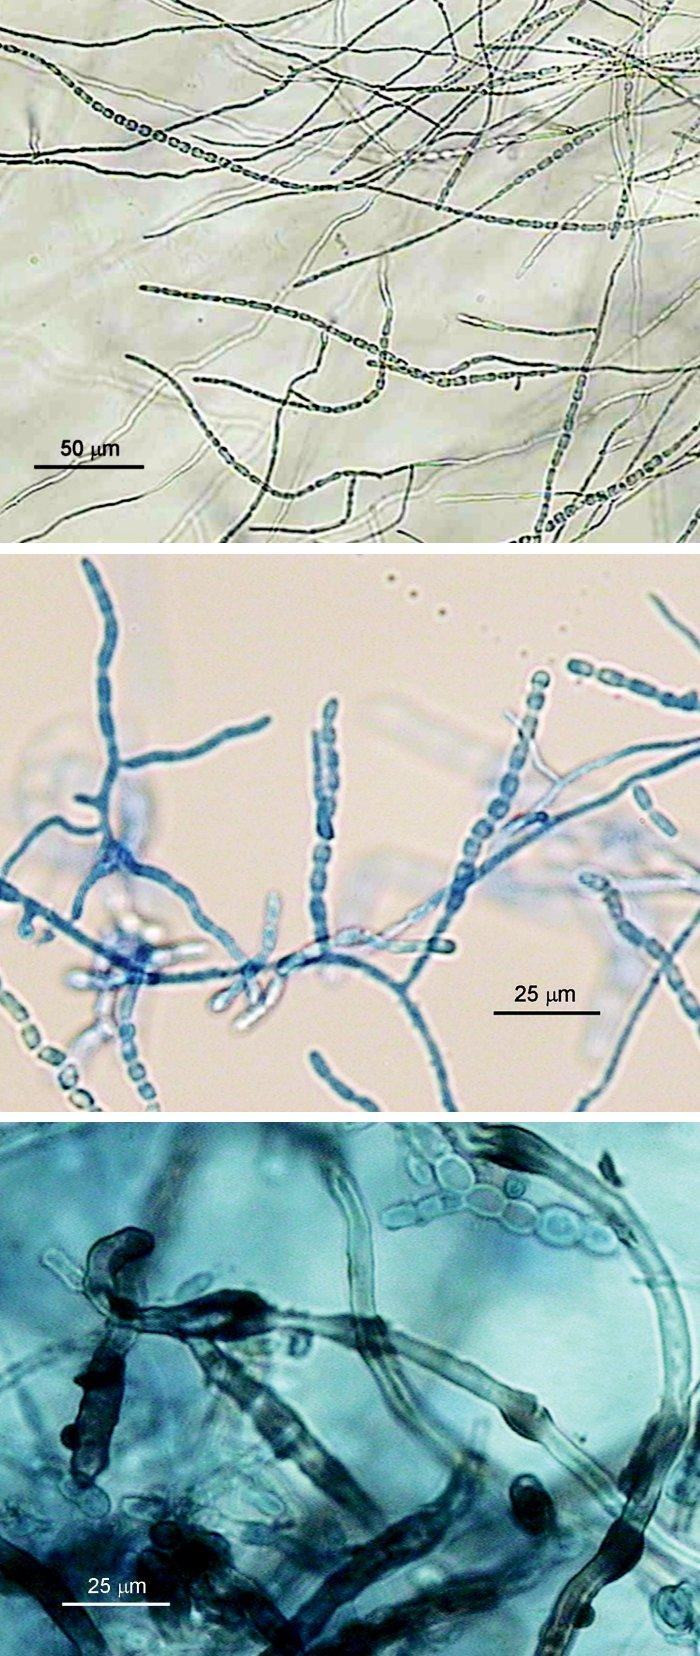 """a, b, c. Onychocola canadensis, mikroskopická morfológia; a) hýfy a dlhé retiazky súdkovitých artrokonídií (mikrokultúra, vodný agar, 10 dní, 25 °C), b) dtto, 2-3-týždňová kultúra, preparát v laktofenole s metylovou modrou, c) retiazky 1- a 2-bunkových artrokonídií a hnedé """"nodózne"""" hýfy (preparát v laktofenole zo starej kultúry na SAB agare) (foto A.V.) Fig. 4 a, b, c. Onychocola canadensis, micromorphology; a) hyphae and long chains of barrel-shaped arthroconidia (microculture, aqueous agar, 10 days, 25 °C), b) see a), 2-3-week culture, methylene blue-lactophenol mount, c) chains of single- and double-cell arthroconidia and brown nodular hyphae (lactophenol mount from previous Sabouraud agar culture) (photo A.V.)"""